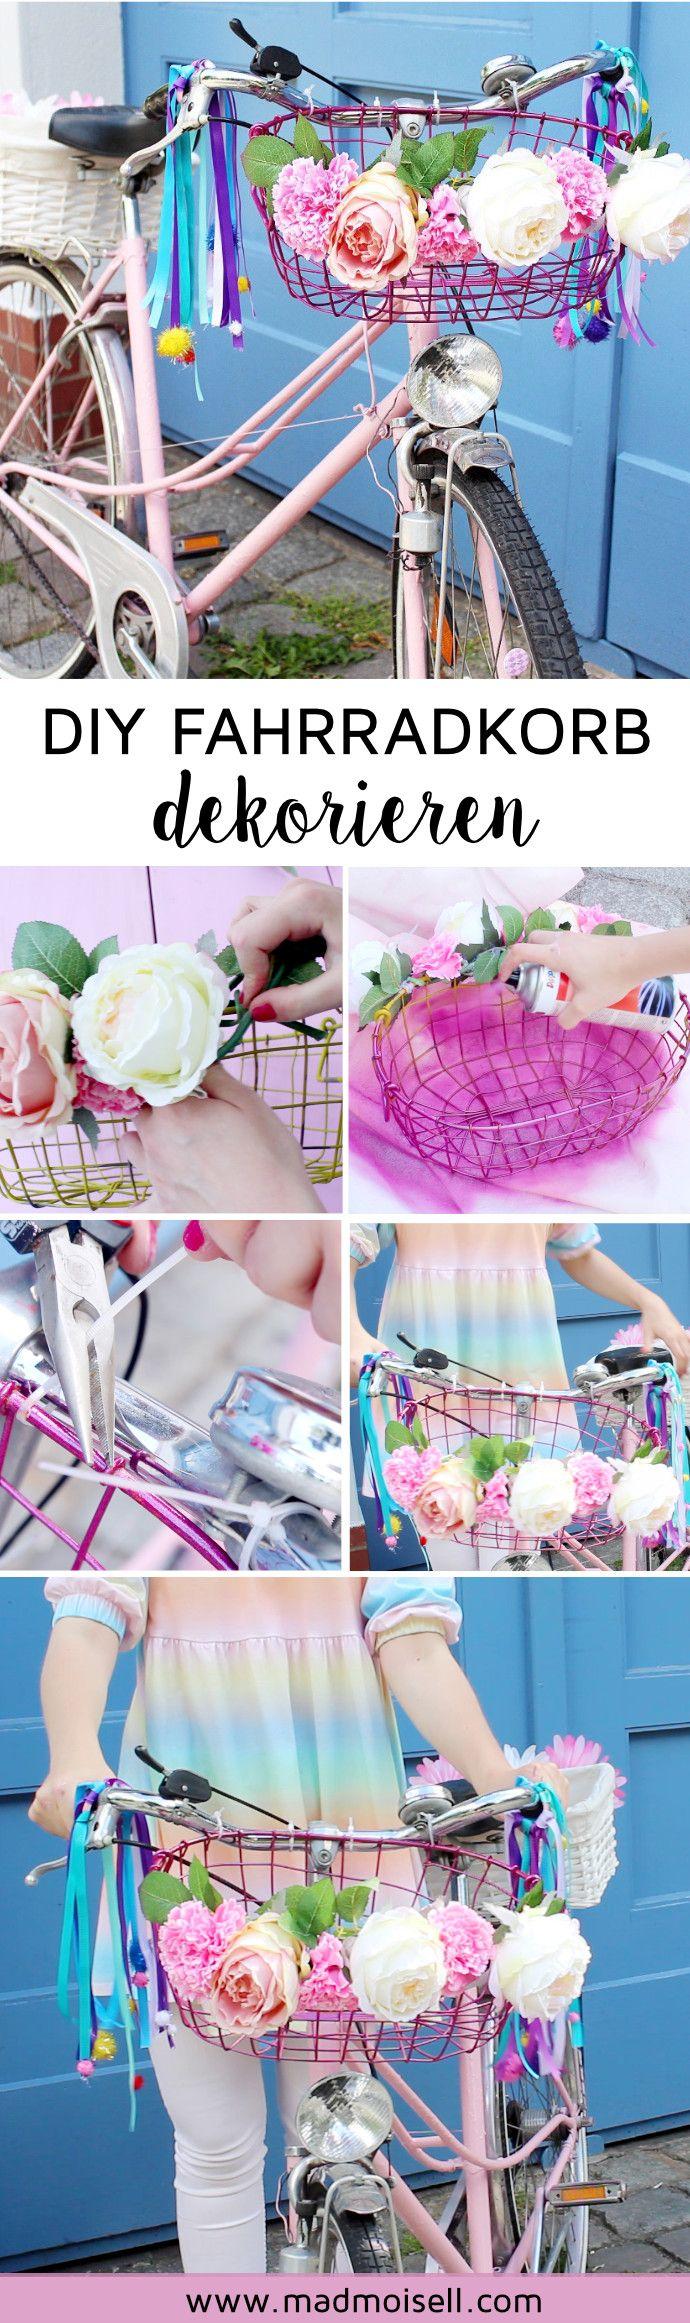 DIY Fahrradkorb selber machen und dekorieren: 4 geniale Ideen, um dein altes Fahrrad im Tumblr-Style aufzupumpen! Du hast noch ein altes Fahrrad im Keller stehen? Perfekt, denn dein altes Rad kannst du ganz easy mit wenigen Schritten in ein tolles DIY Fahrrad verwandeln. Alles, was du dazu brauchst, ist Acrylspray, Blumen und Fahrradkörbe... Fertig ist dein neues Vintage-Rad!